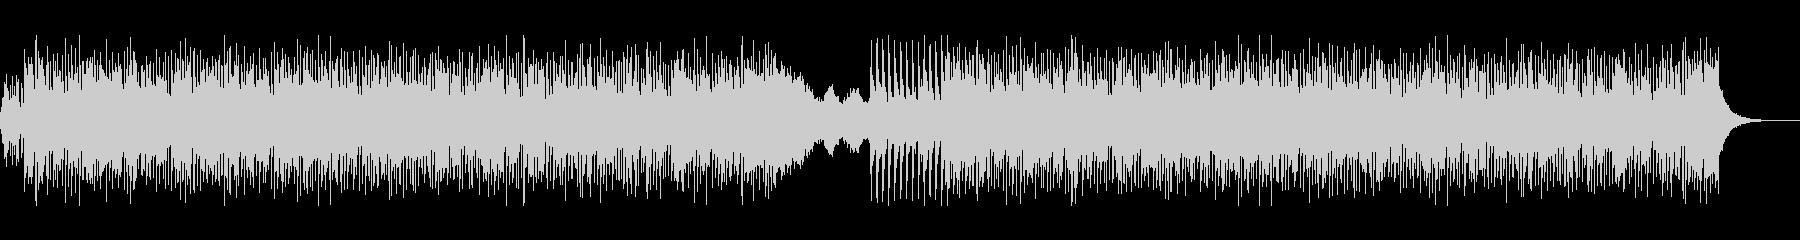 コミカルなトロピカルEDMの未再生の波形